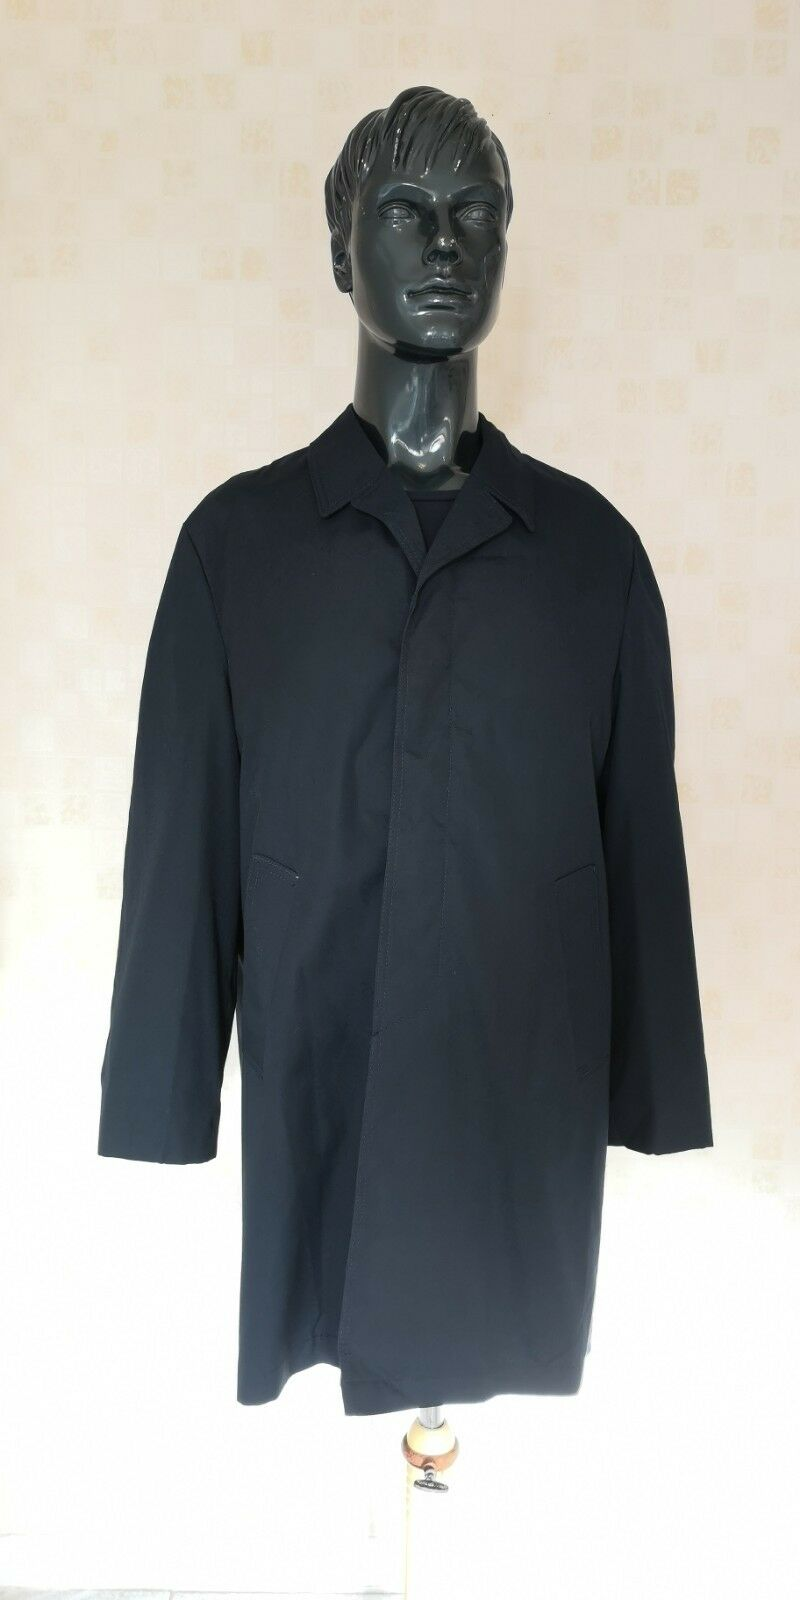 BNWT  Herren Vintage Brigwater Rainwear Coat Mac Navy Blau Größe 44